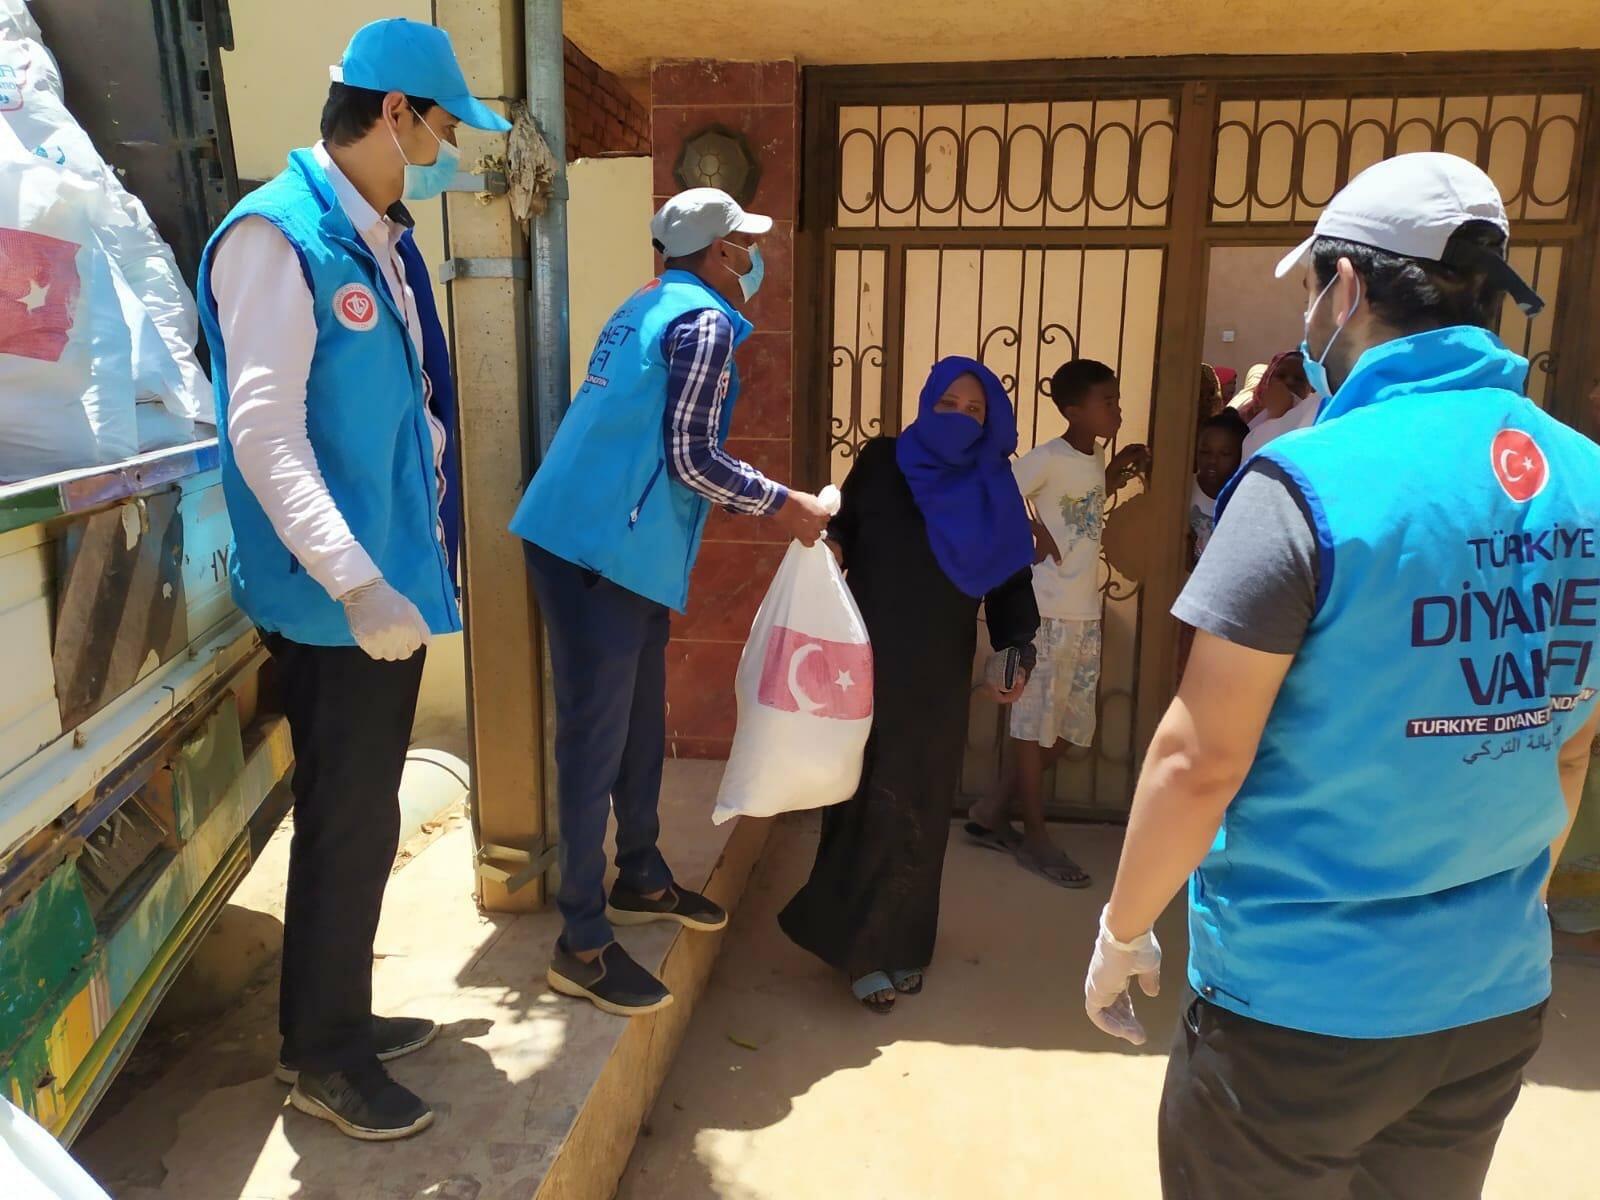 EVvoZFmXgAE29UG - تركيا .. دعم الأسر الفقيرة في السودان بأكثر من 16 ألف حقيبة رمضانية